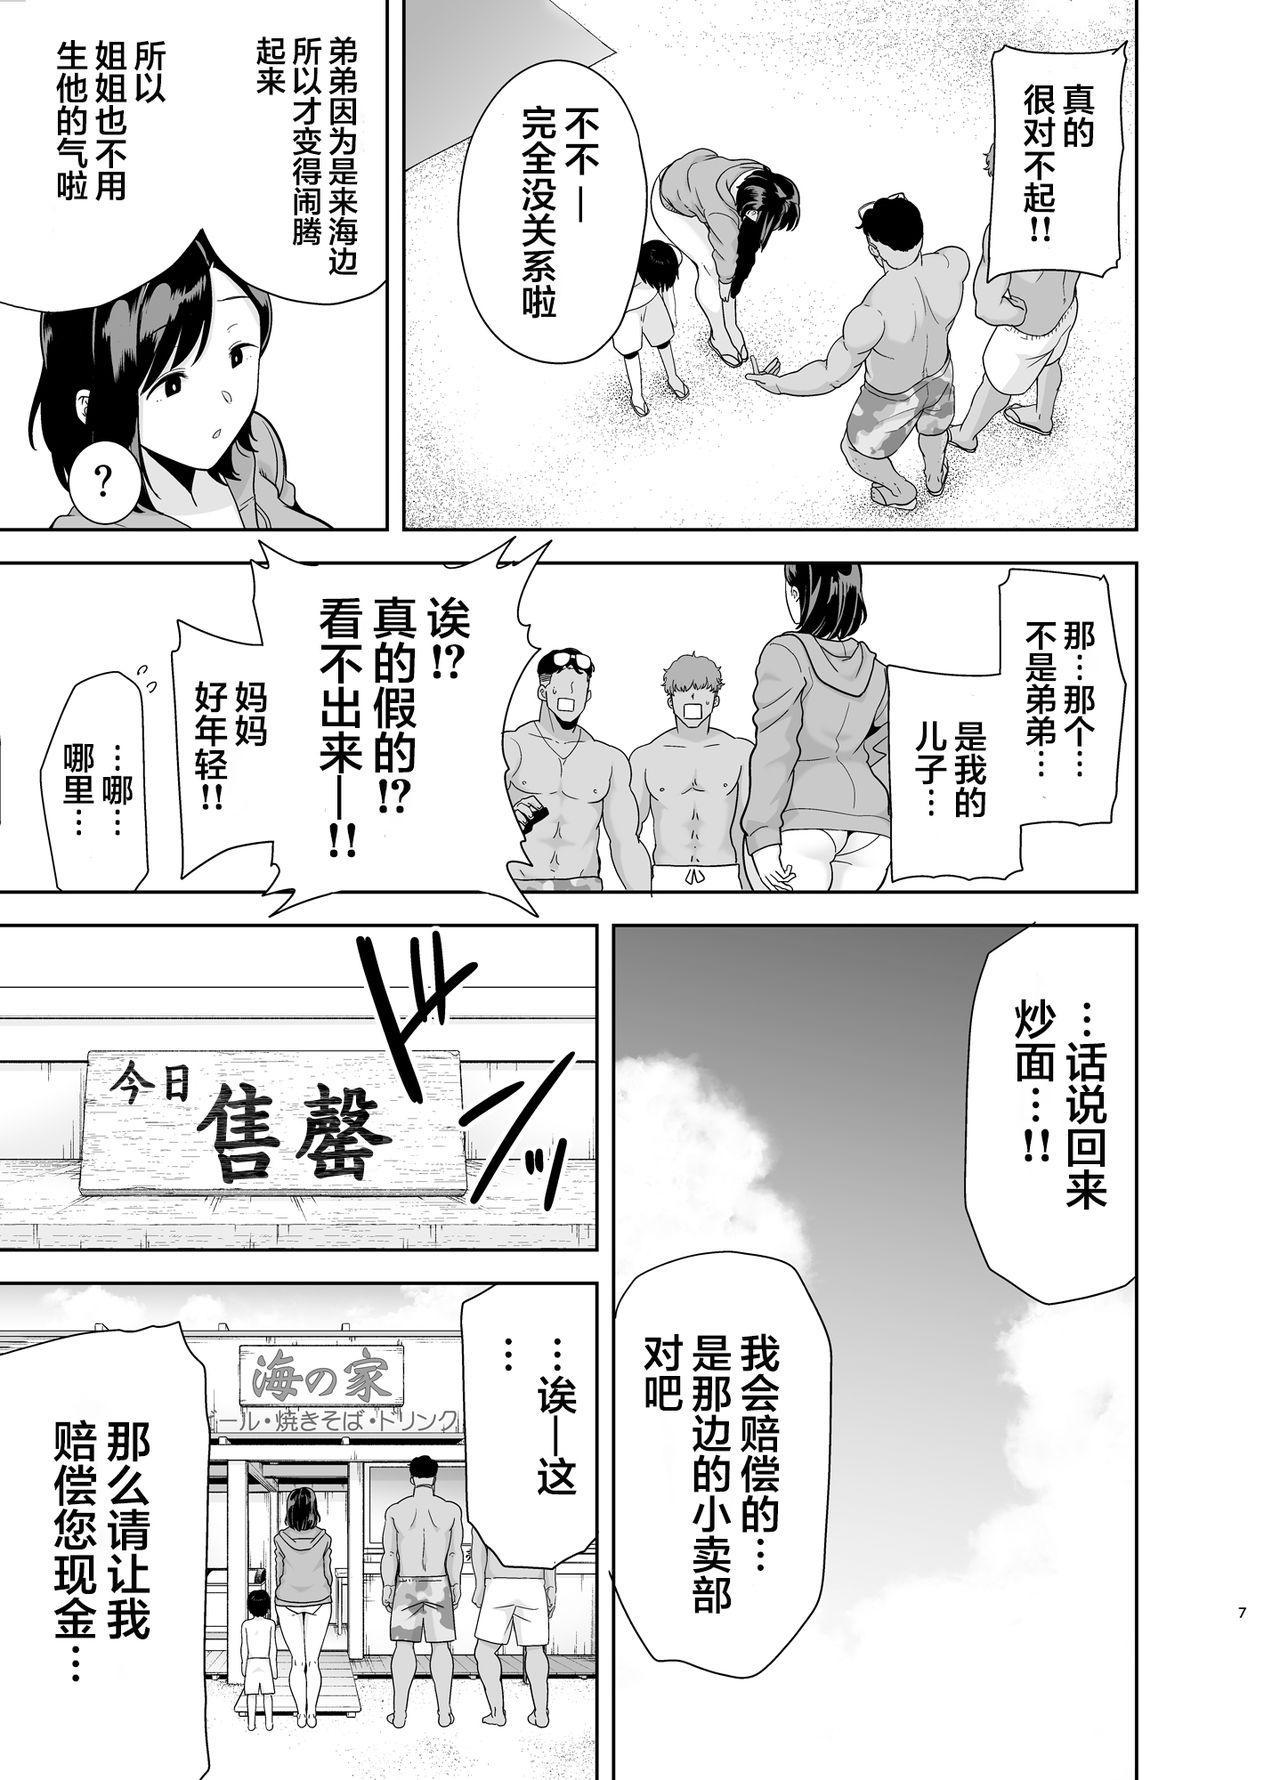 [DOLL PLAY (Kurosu Gatari)] Natsuzuma ~Natsu, Ryokan, Nanpa Otoko-tachi ni Ochita Tsuma~ Megane Nashi [Chinese] [翻车汉化组] 5